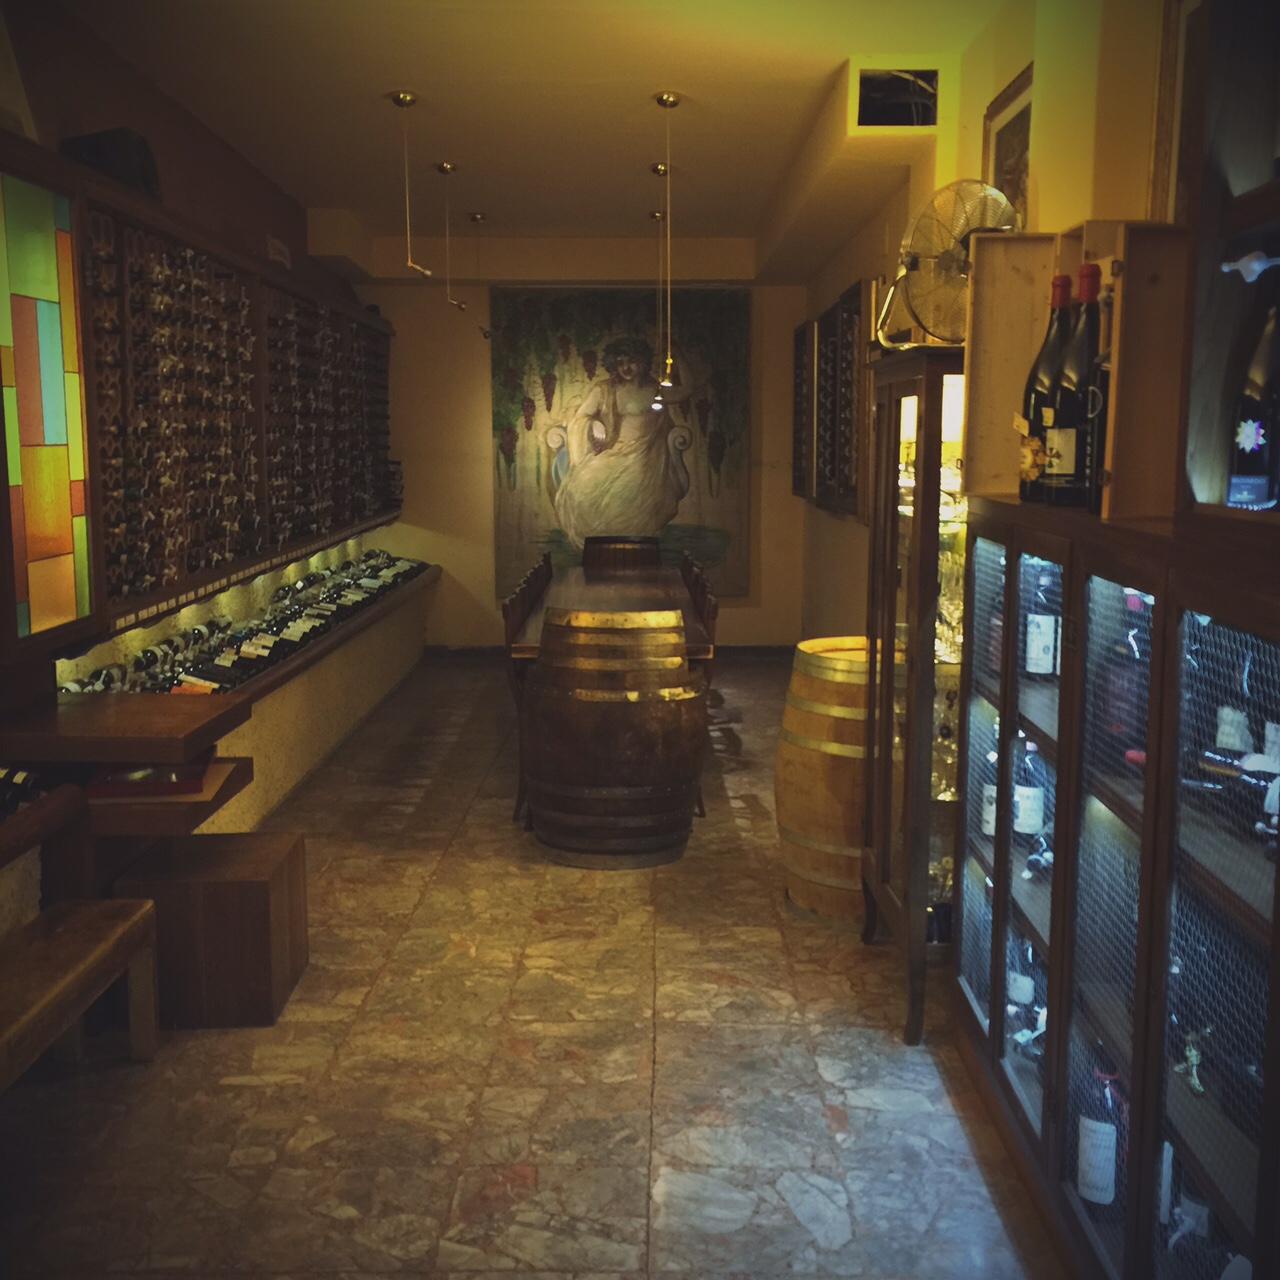 A Firenze degustazioni speciali di vini e liquori al wine bar dell'Alessi